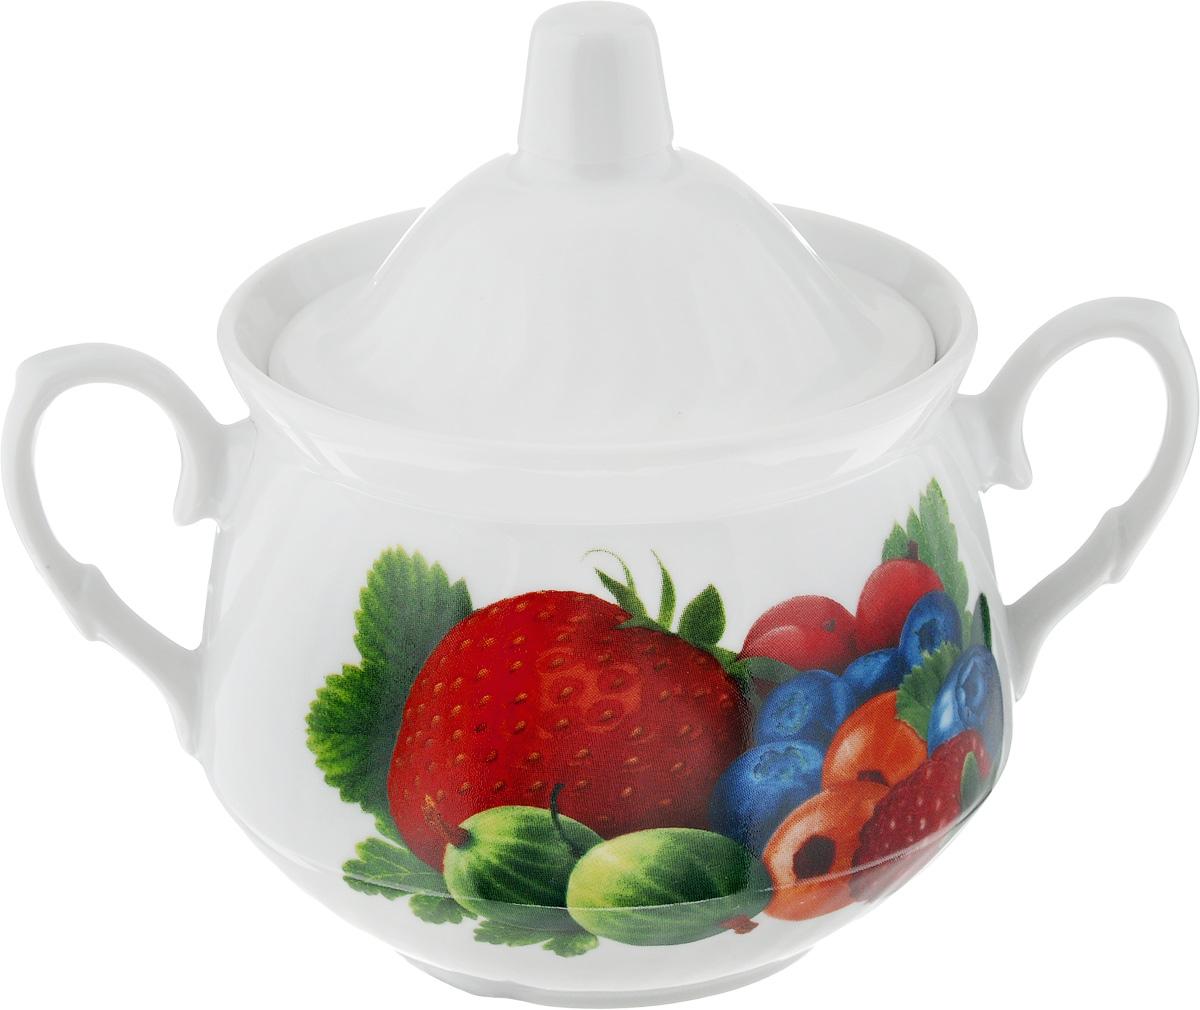 Сахарница Кирмаш. Садовые ягоды, 450 мл115510Великолепная сахарница Кирмаш. Садовые ягоды, выполненная из высококачественного фарфора, оснащена крышкой и 2 ручками по бокам. Изделие украшено ярким рисунком. Эксклюзивный дизайн, эстетичность и функциональность сахарницы делают ее незаменимой на любой кухне.Диаметр сахарницы (по верхнему краю): 10 см.Высота сахарницы (без учета крышки): 9 см.Ширина сахарницы (с учетом ручек): 16 см.